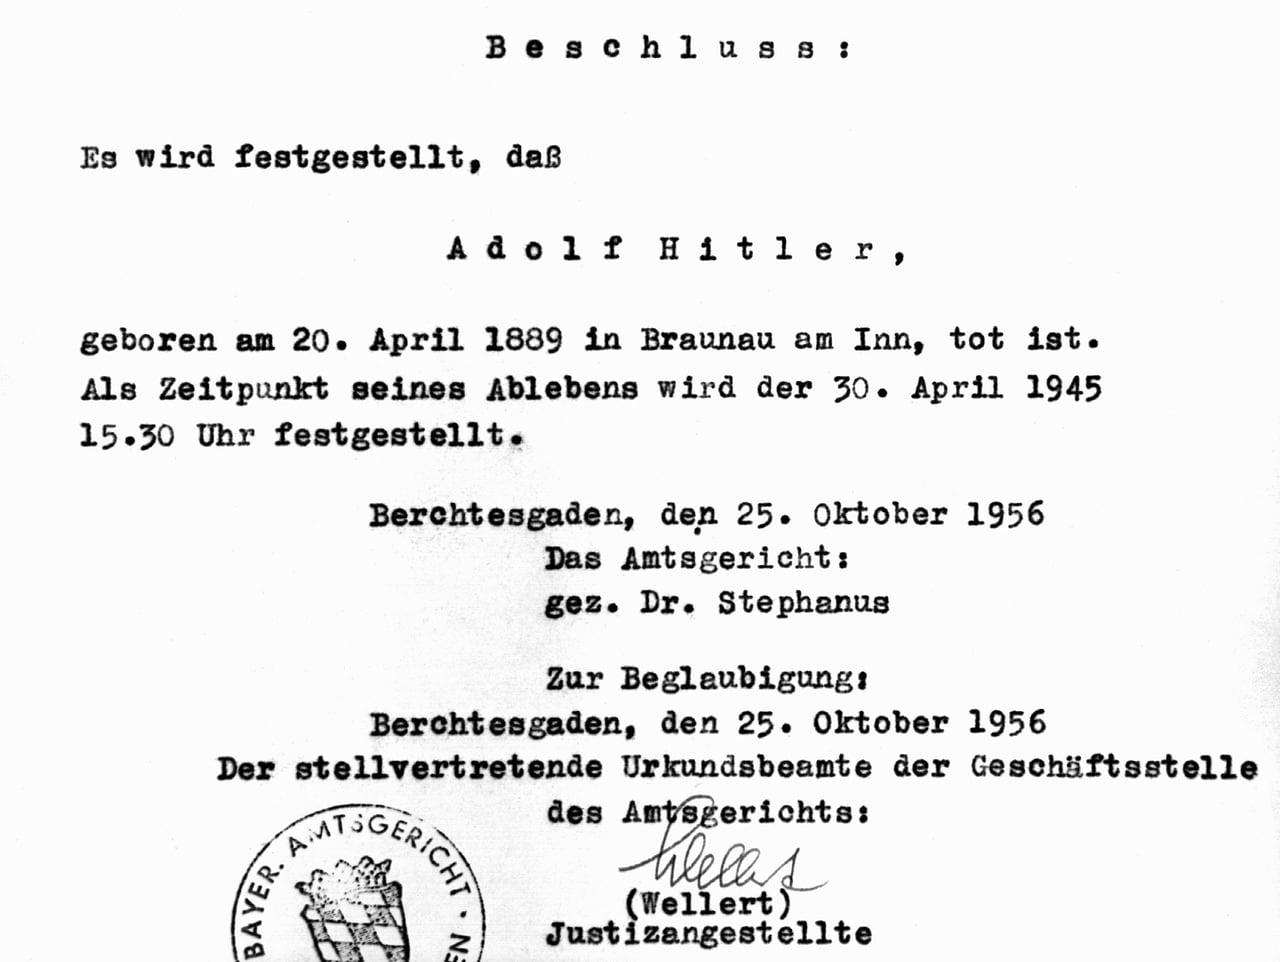 Der Wortlaut des Beschlusses des Amtsgerichtes Berchtesgaden. Im Amtsgericht Berchtesgaden wurde Adolf Hitler am 25. Oktober 1956 amtlich für tot erklärt.